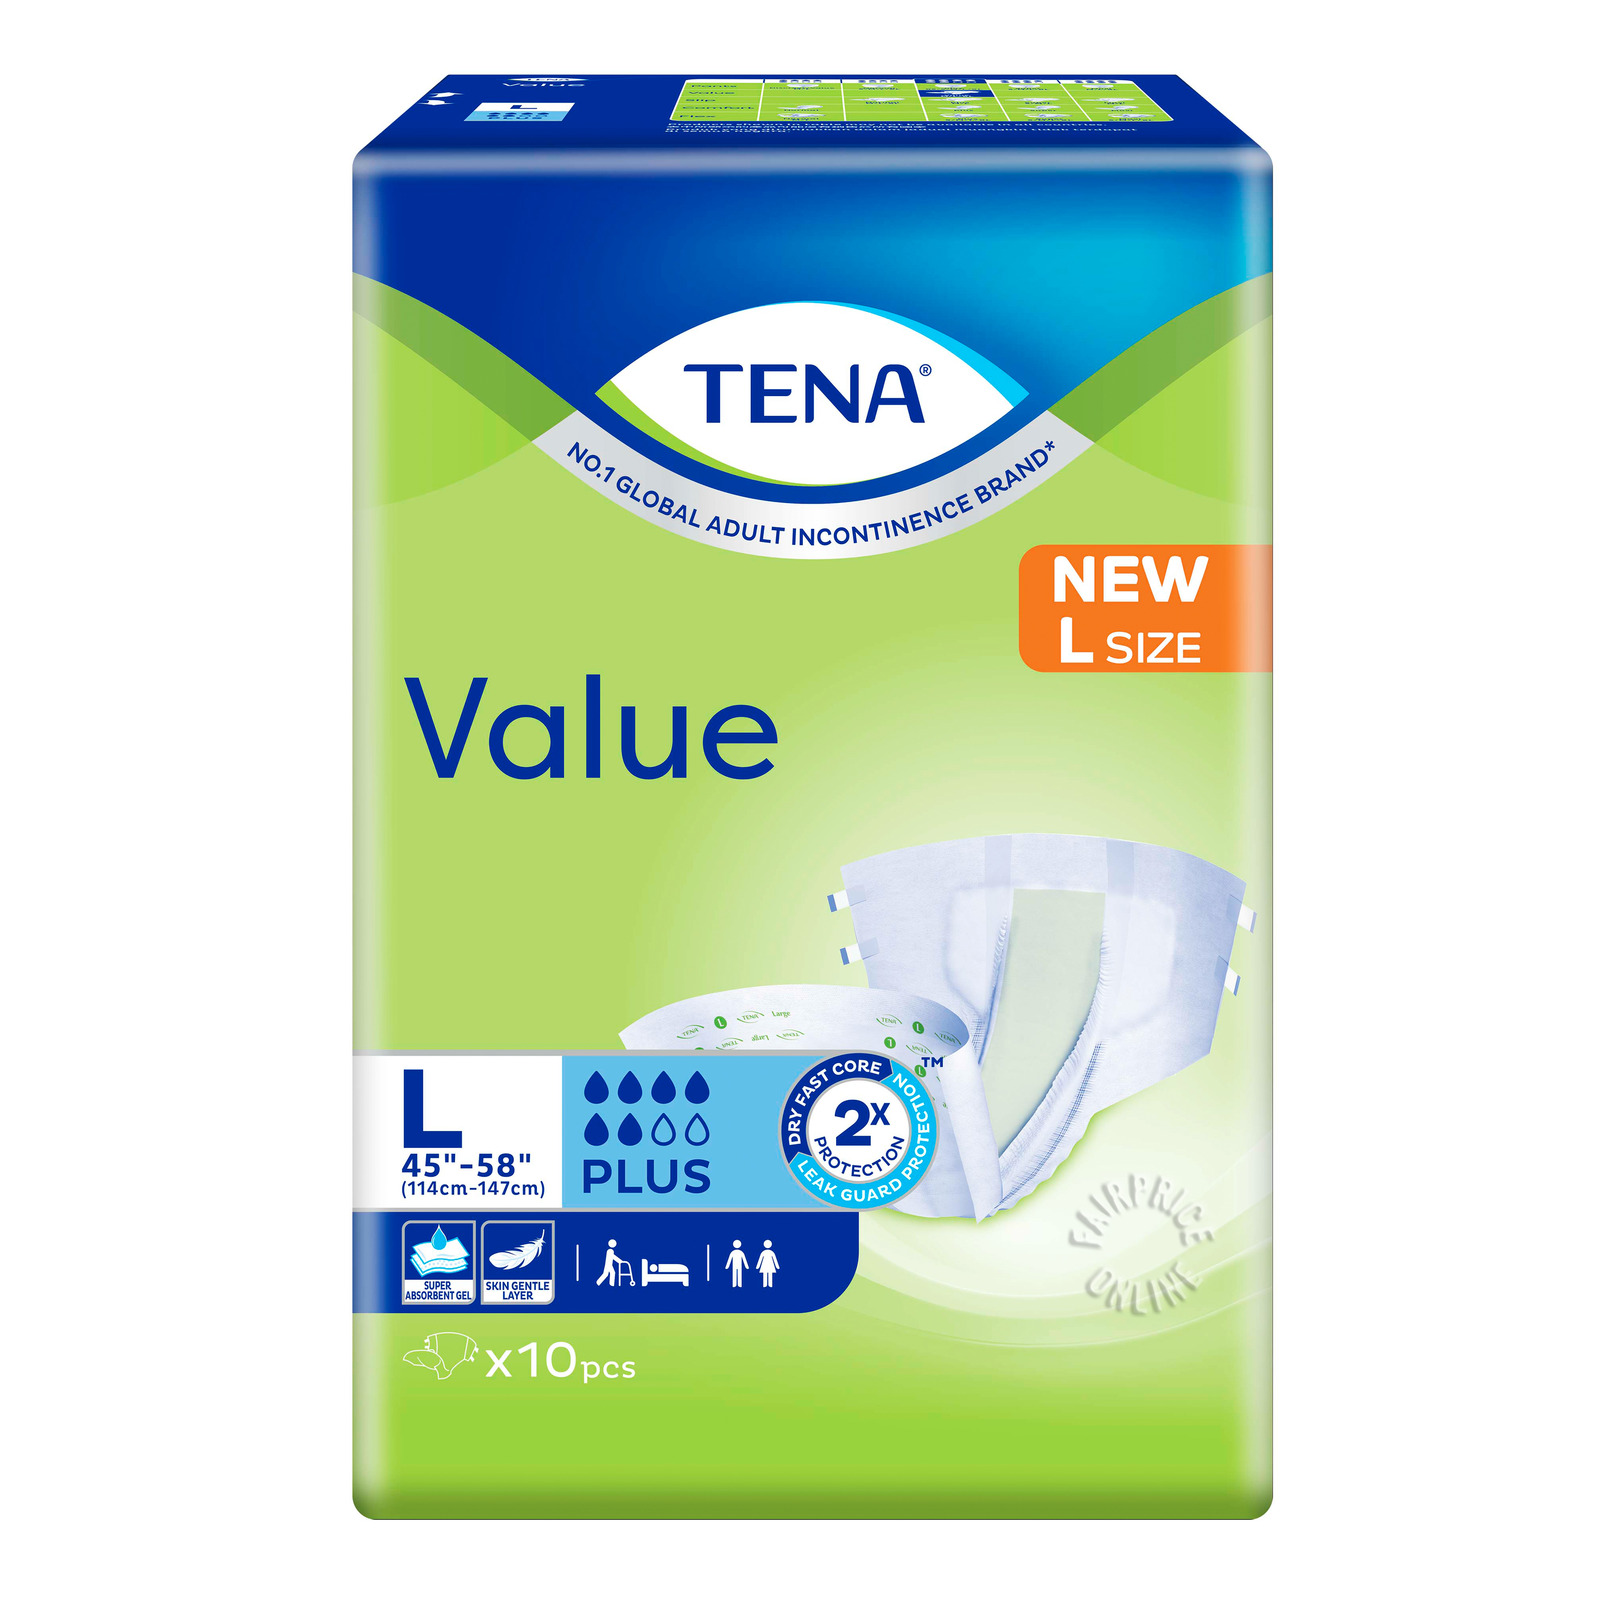 TENA Value Unisex Adult Diapers - L (114 - 147cm)